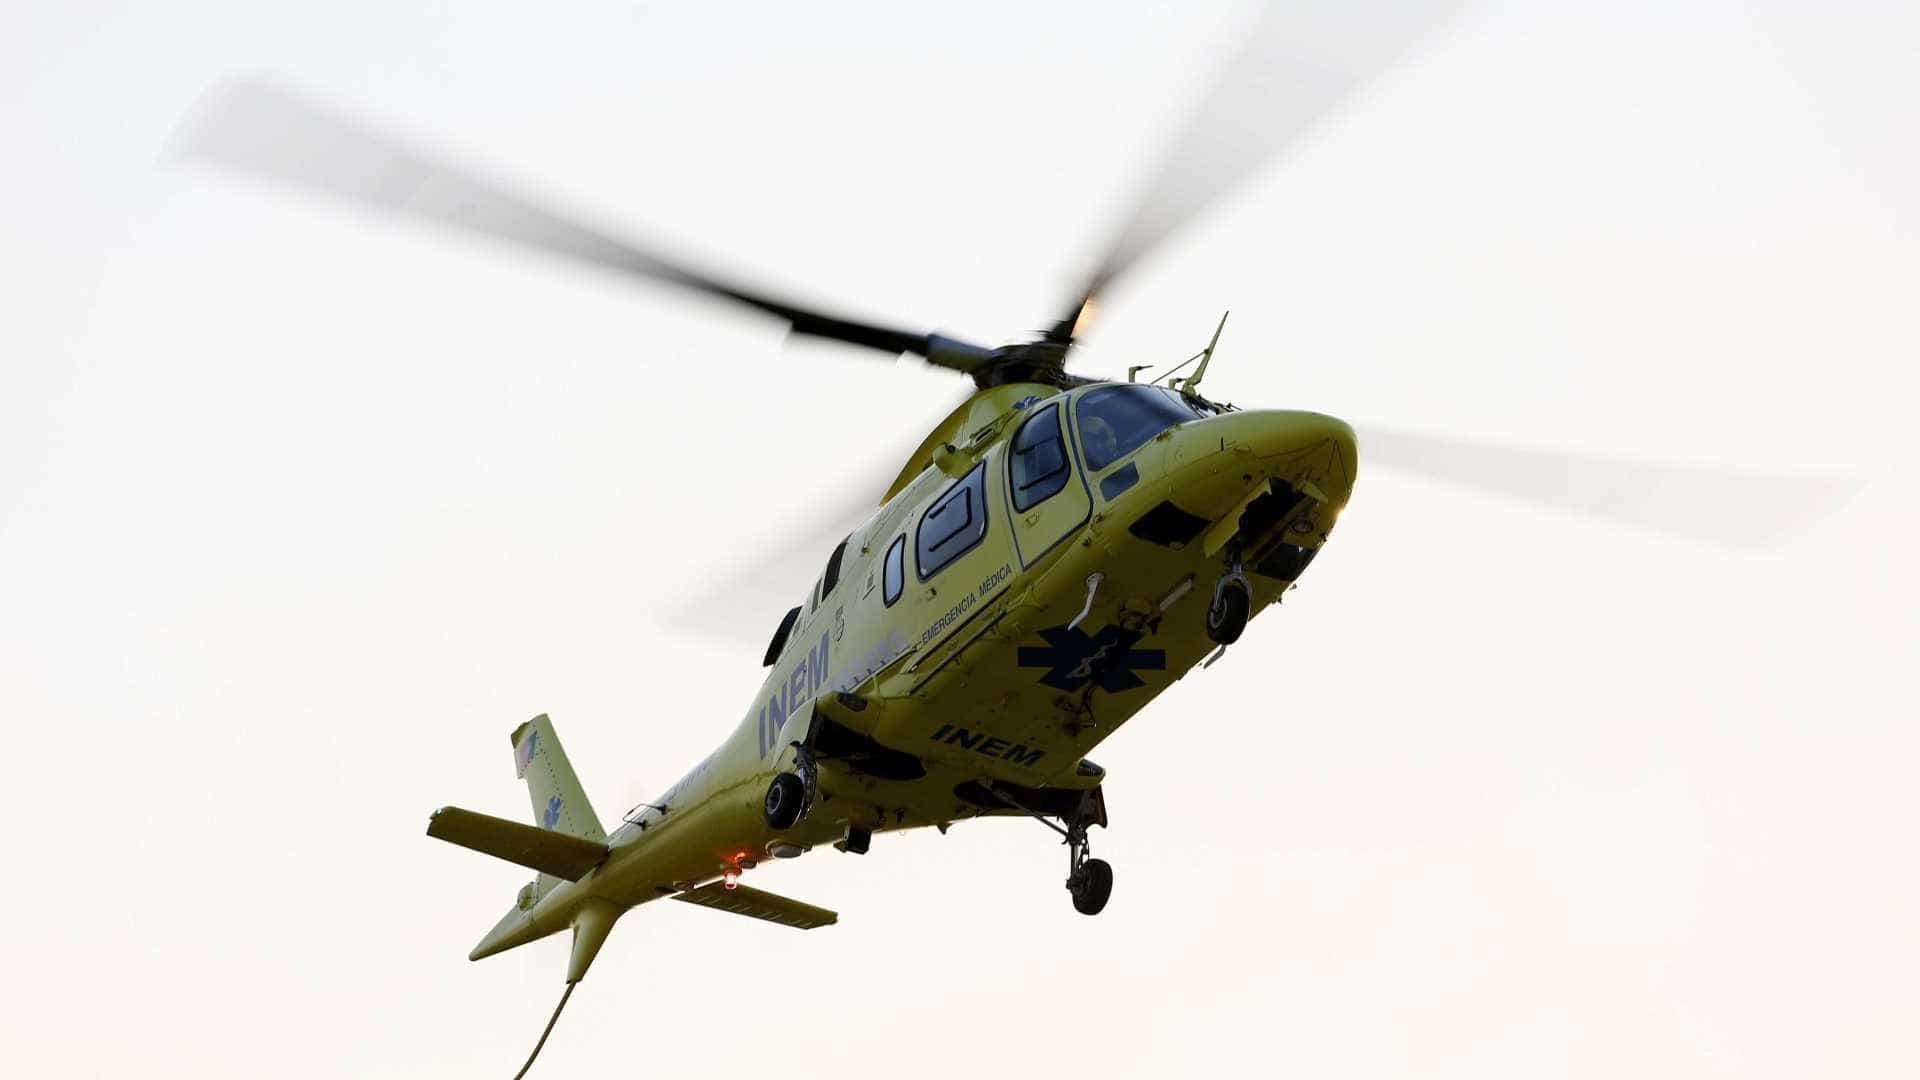 Helicóptero de 'Samu' português cai e mata quatro pessoas